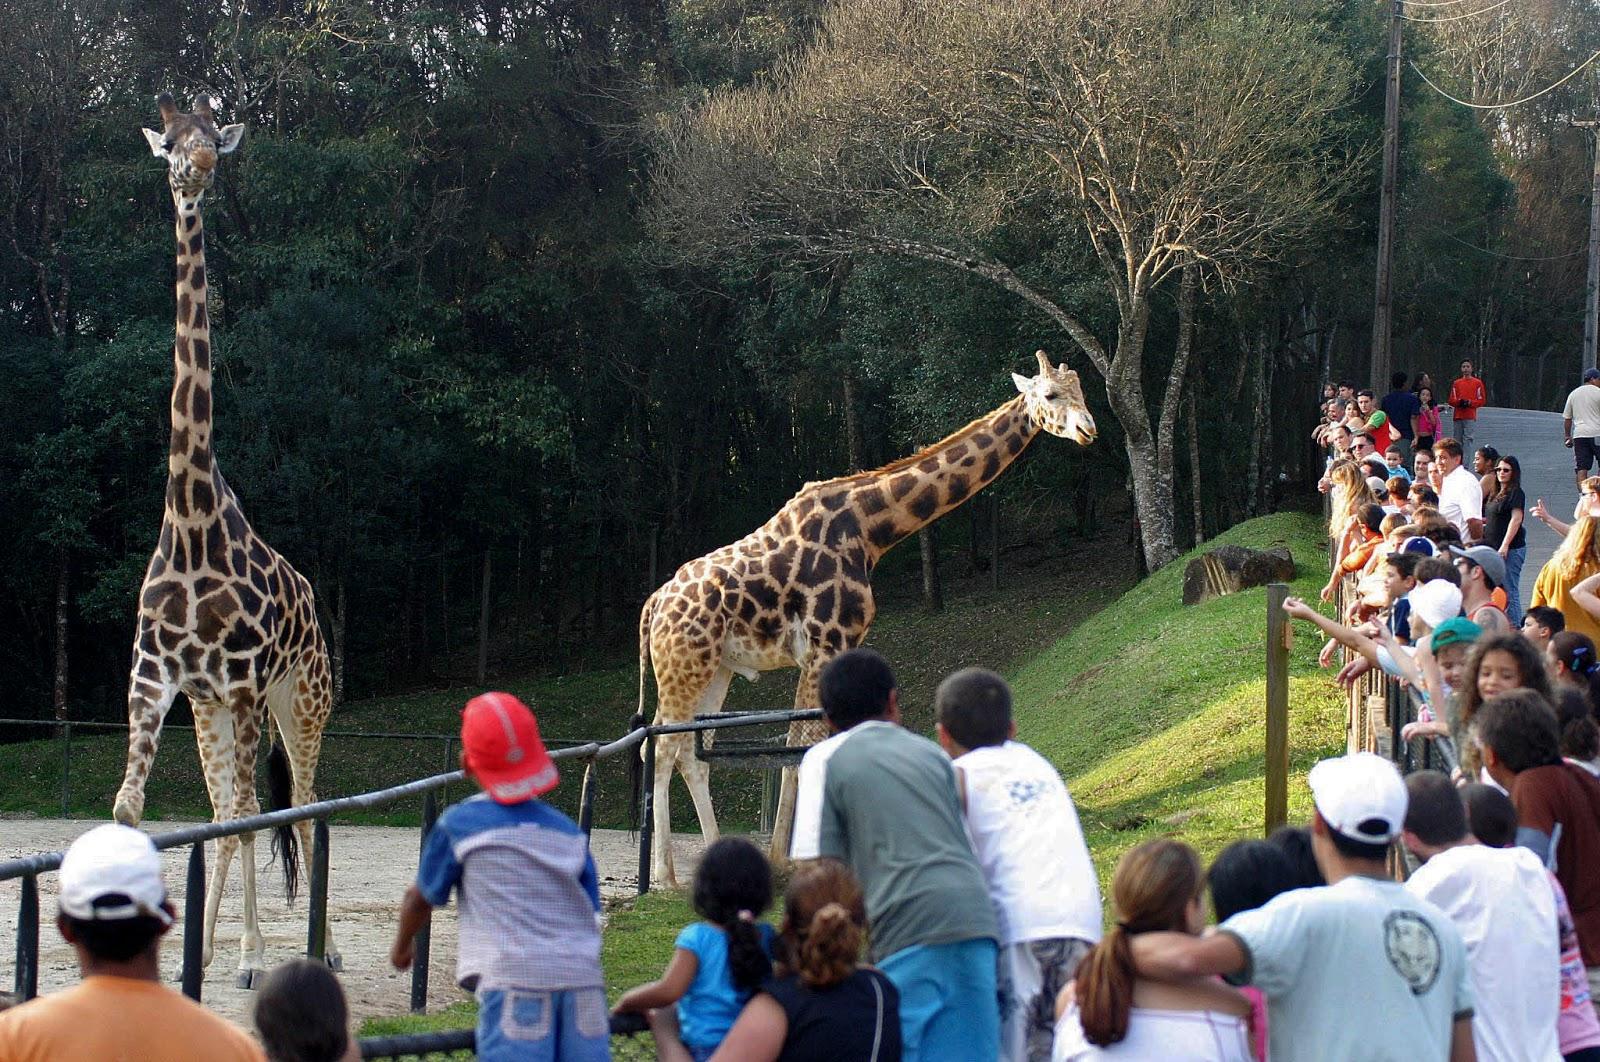 Em Curitiba, visite durante o feriado de festas de fim de ano